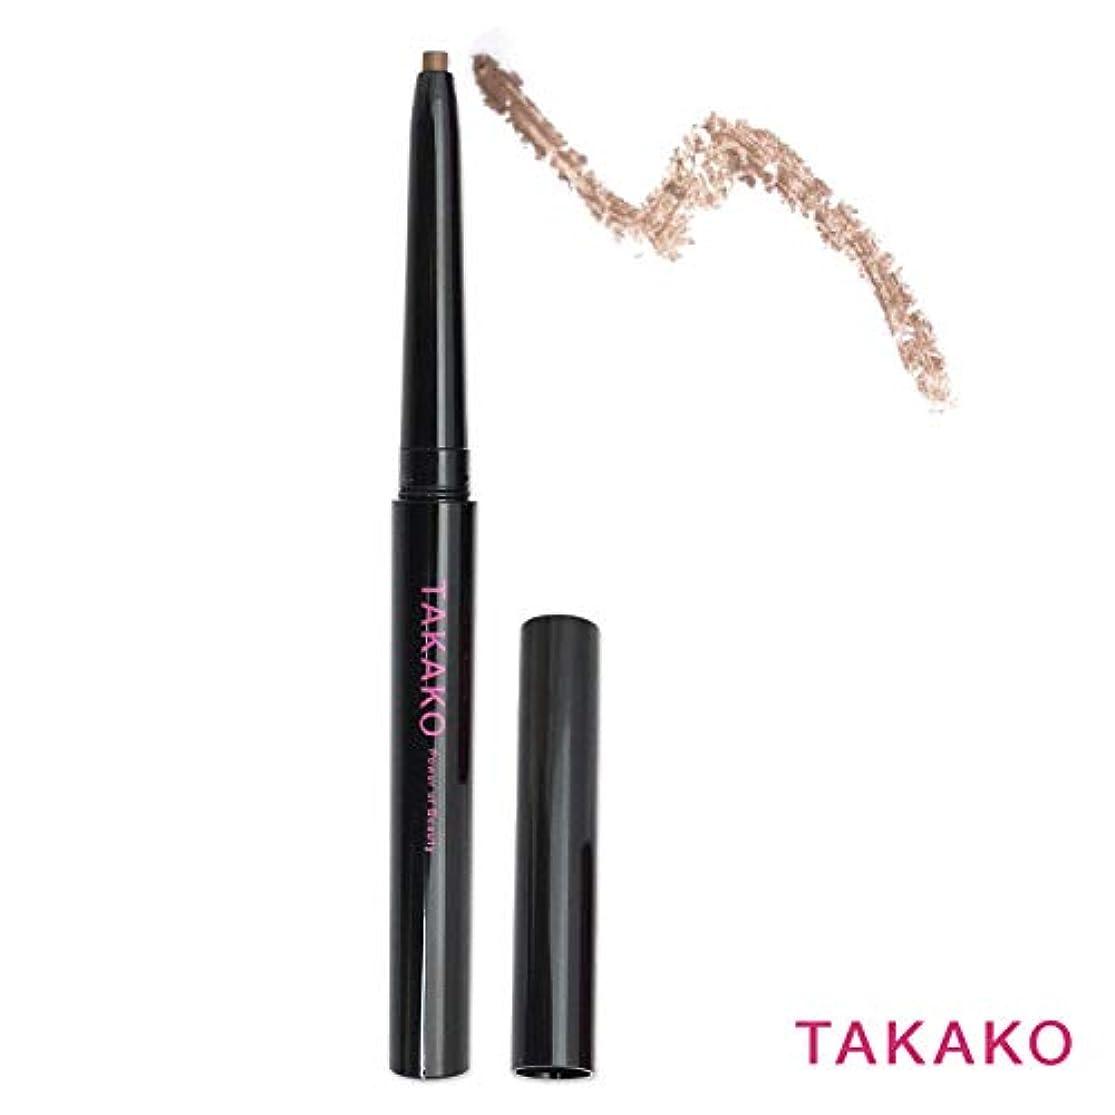 上向き建築家TAKAKO スターリングアイブロウ アイブロウペンシル ウォータープルーフタイプ 落ちない 3Dブラウン 3g TAKAKO Power of Beauty STARRING eyebrow pencil【タカコ コスメ】